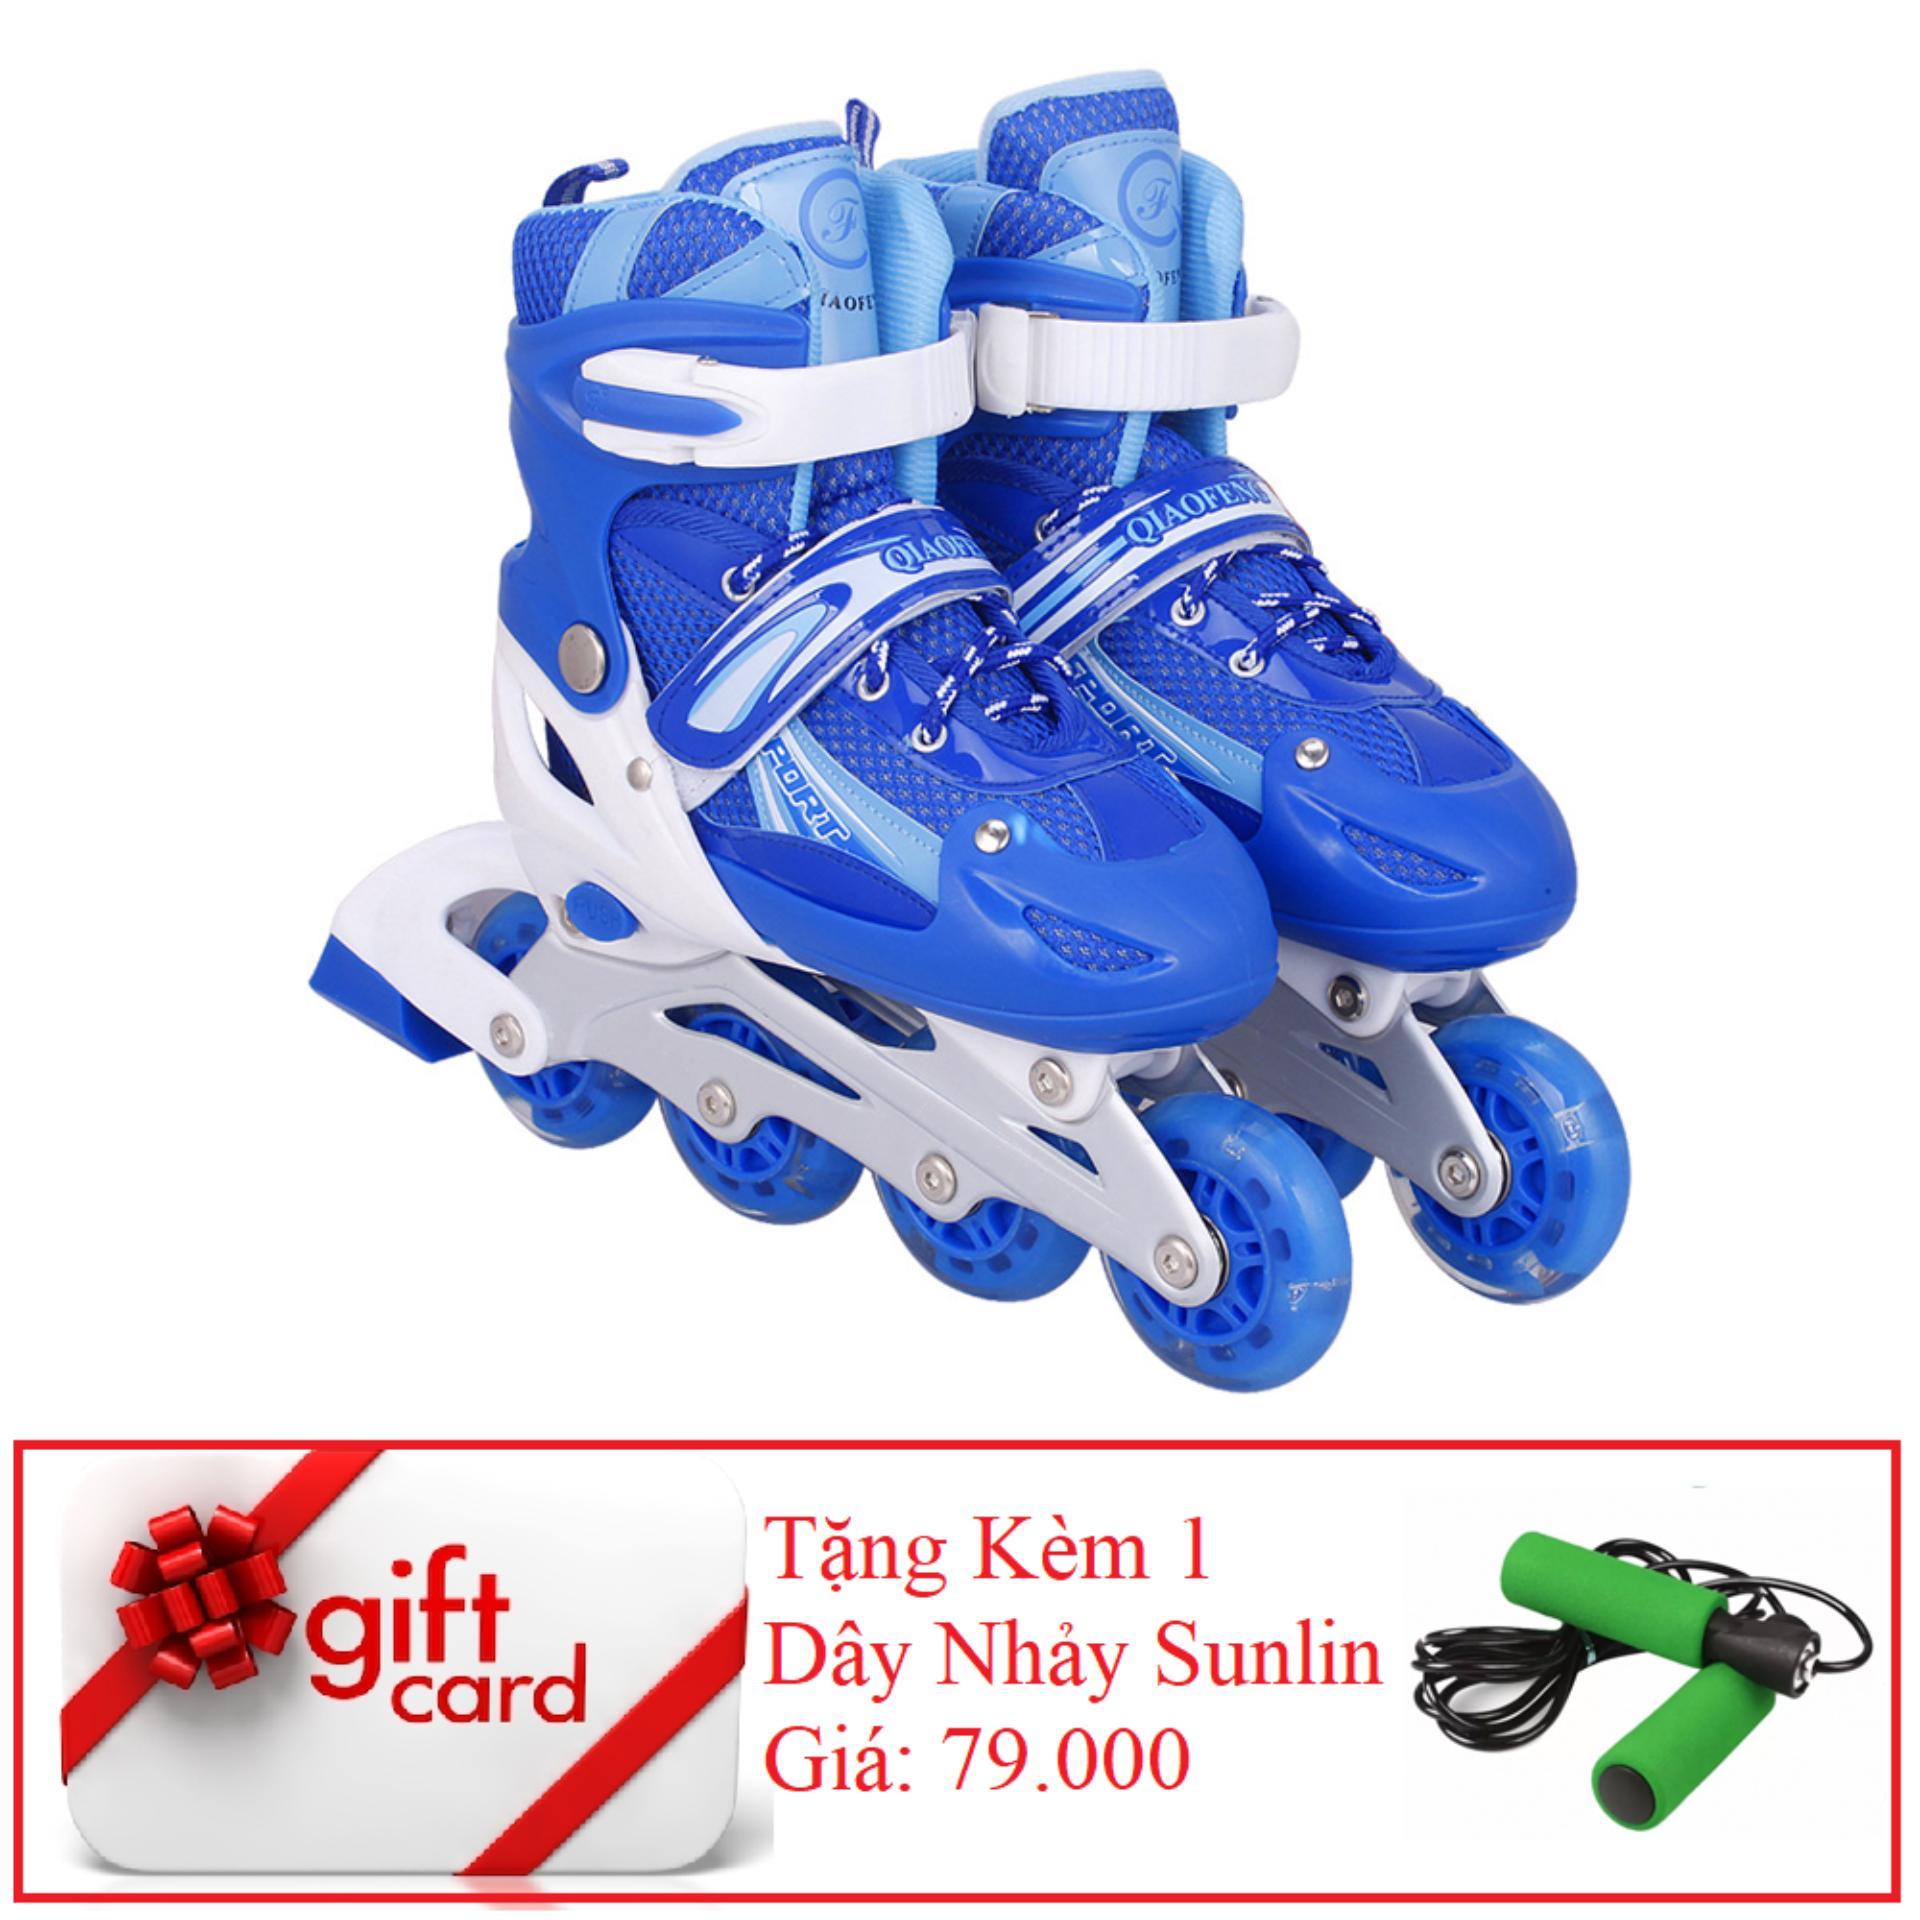 Giày Trượt Patin Gắn Đinh Phát Sáng Cao Cấp (Size L - Xanh Trắng) - TiGi Mall - Tặng Kèm 1 Dây Nhảy